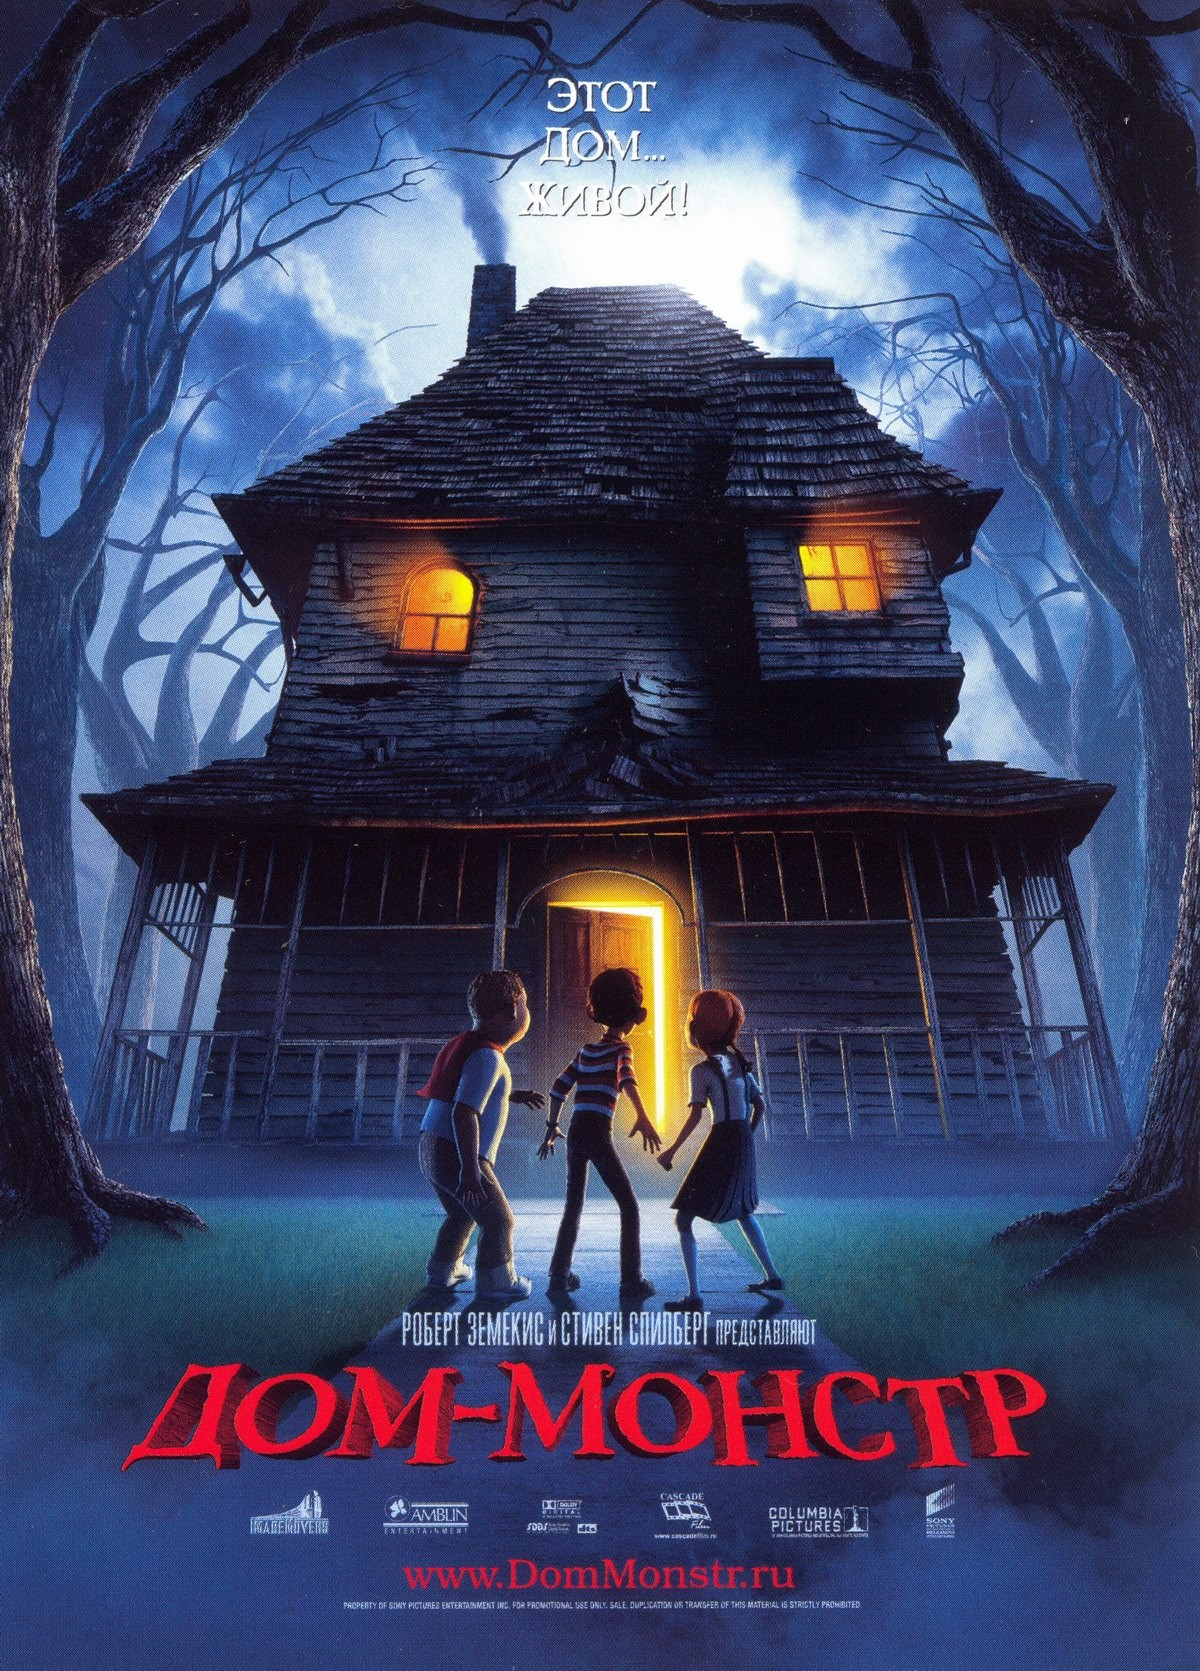 плакат фильма Дом-монстр